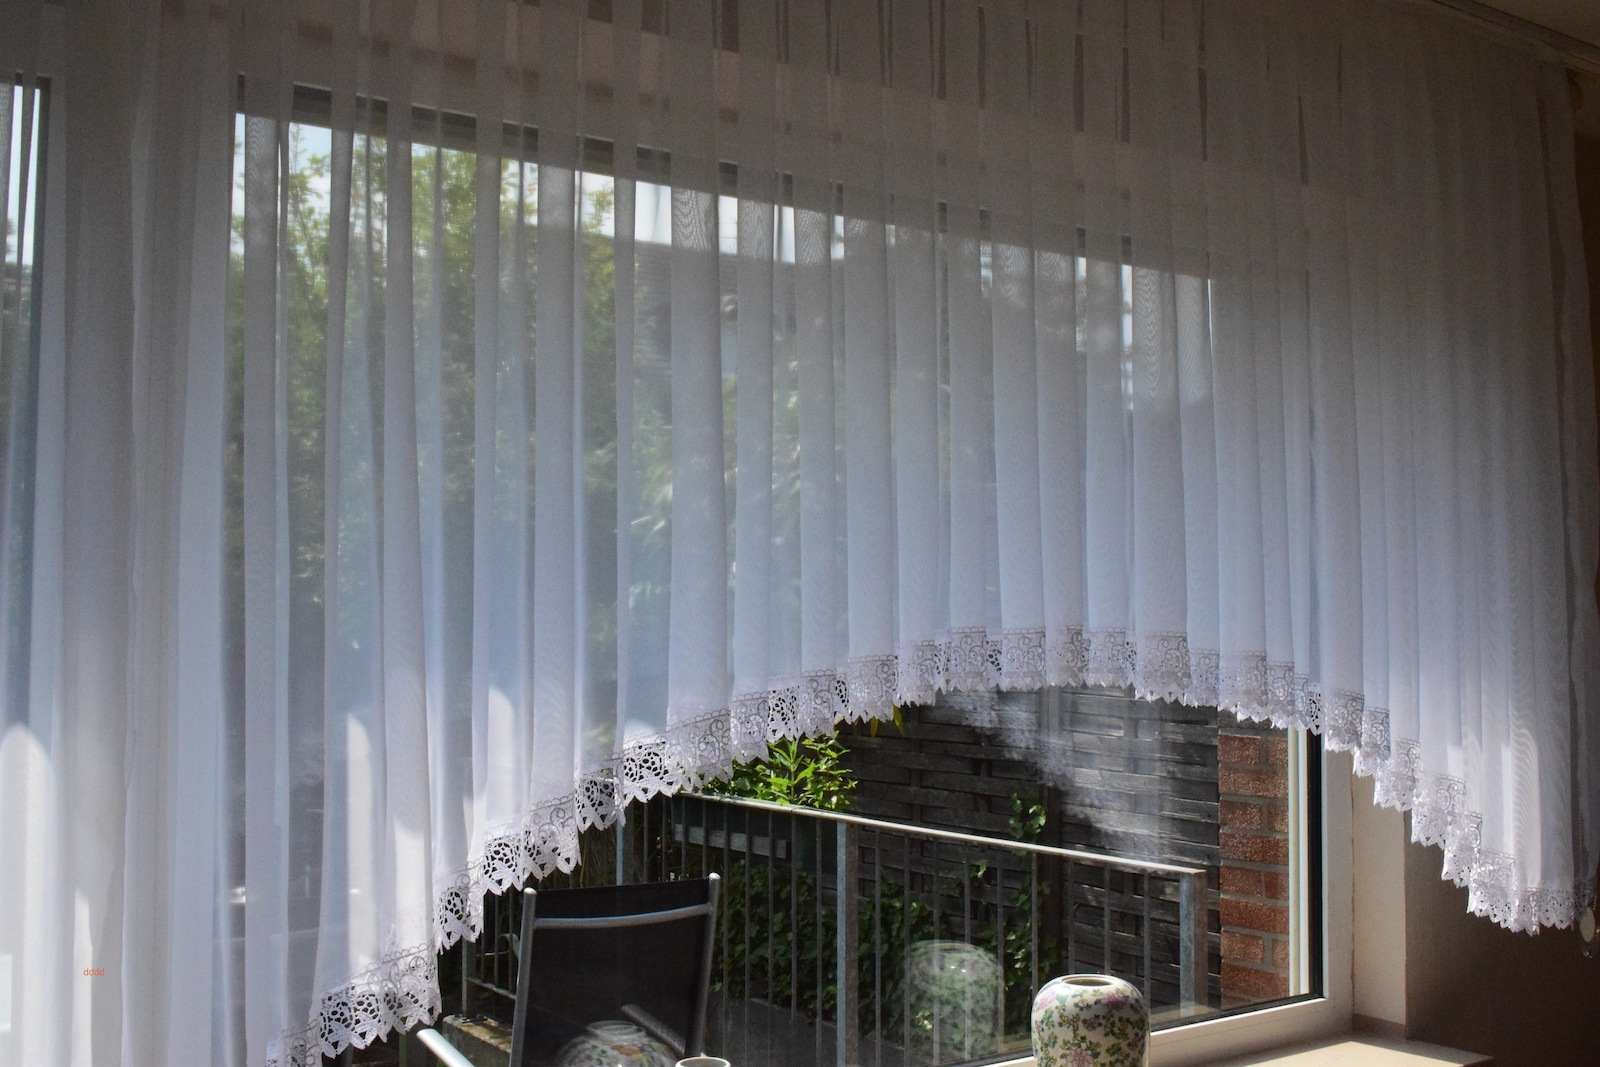 Full Size of Wohnzimmer Gardinen Für Küche Fenster Scheibengardinen Schlafzimmer Die Bogenlampe Esstisch Wohnzimmer Bogen Gardinen